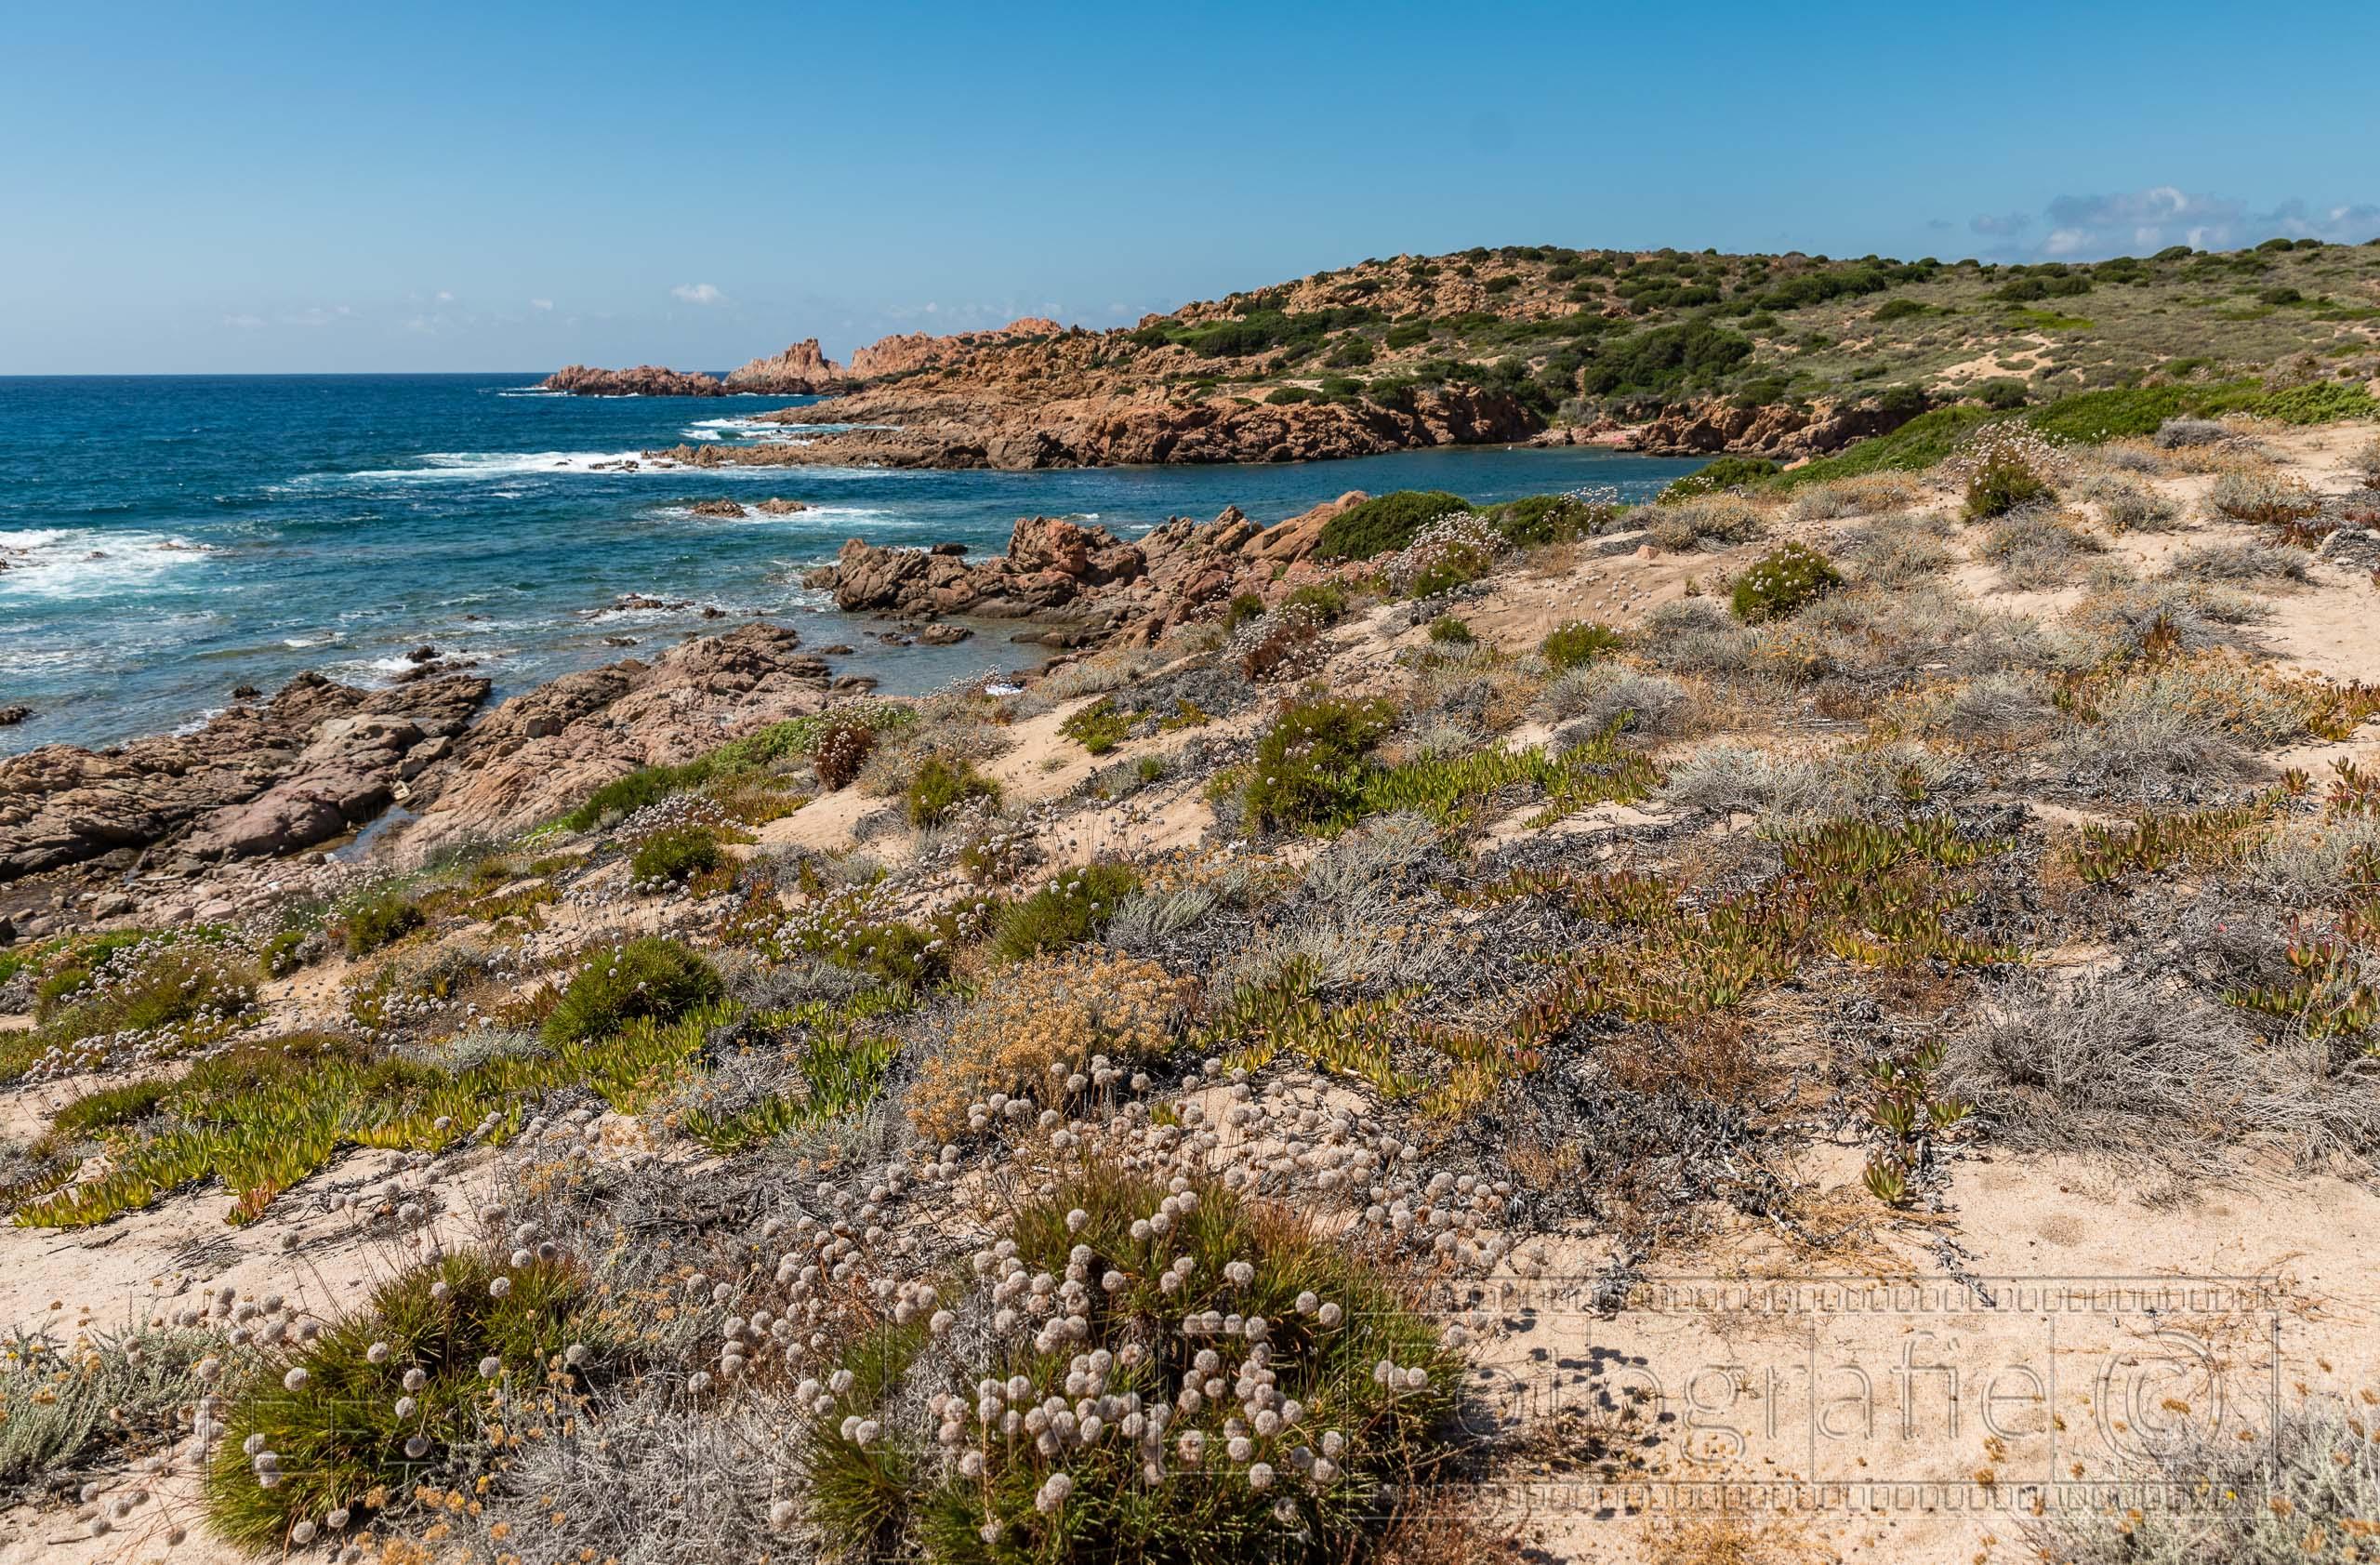 Sardinien, Wanderung von der Isola Rossa zur Cala Rossa.